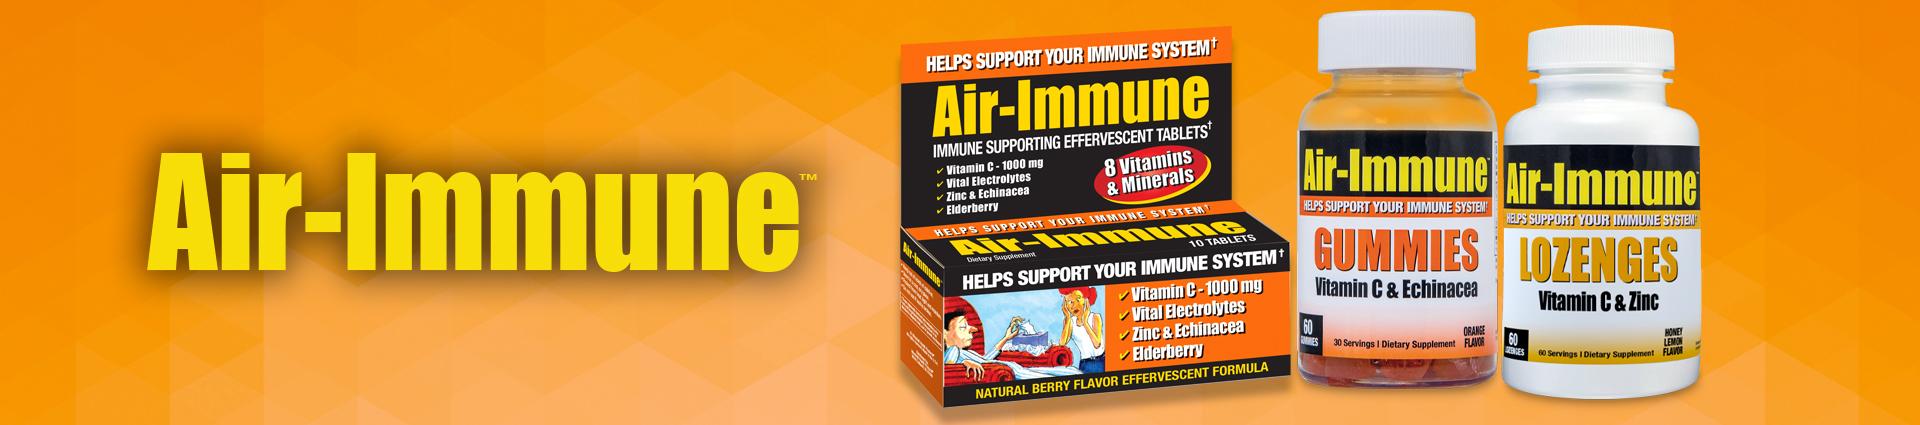 Air-Immune